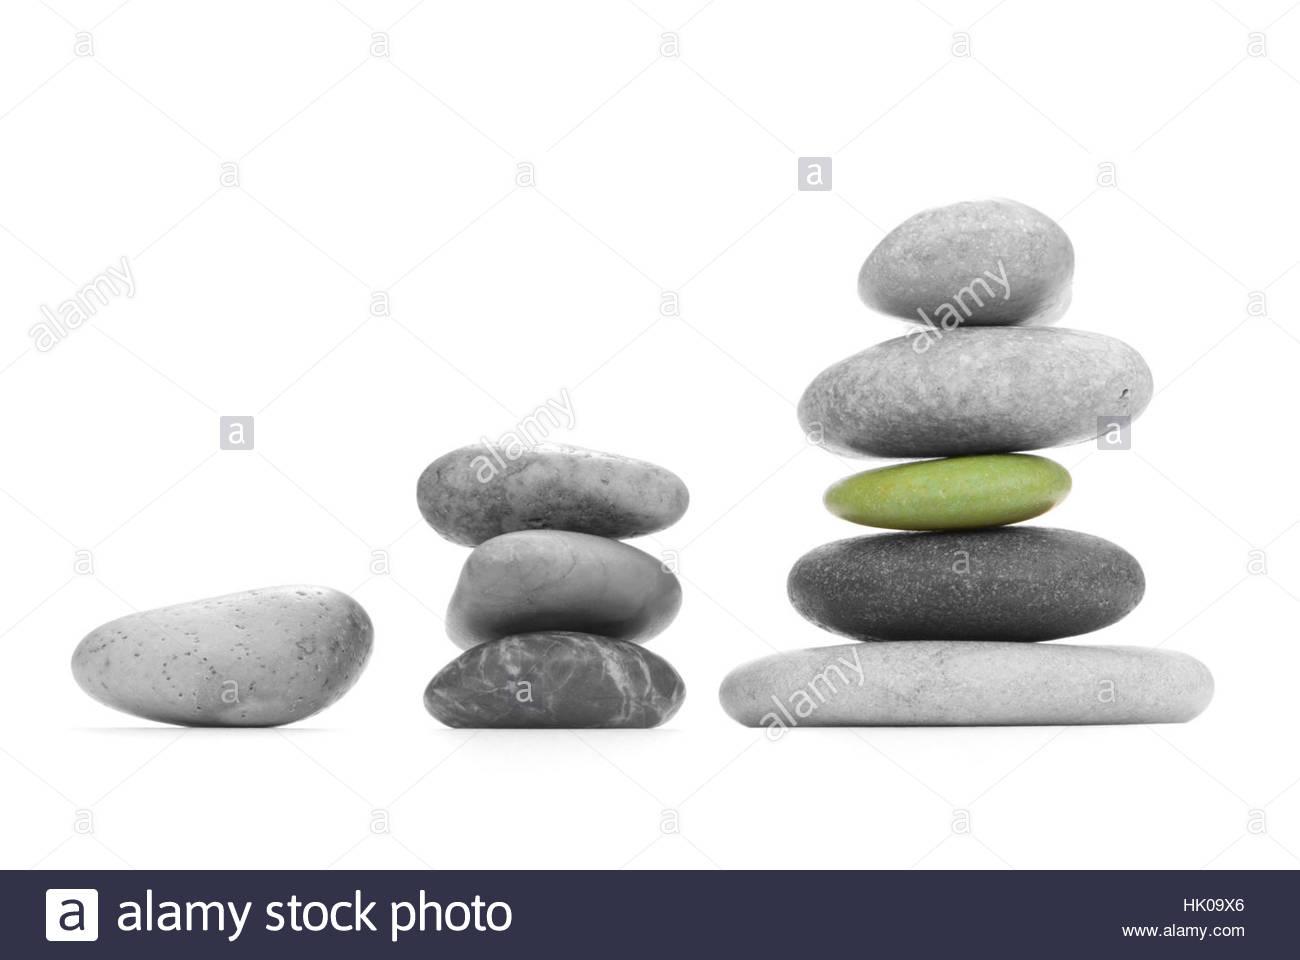 Monochrome meer Steine (die andere Form) auf einem weißen Hintergrund. Das Symbol der Stabilität und Gleichgewicht... Stockfoto